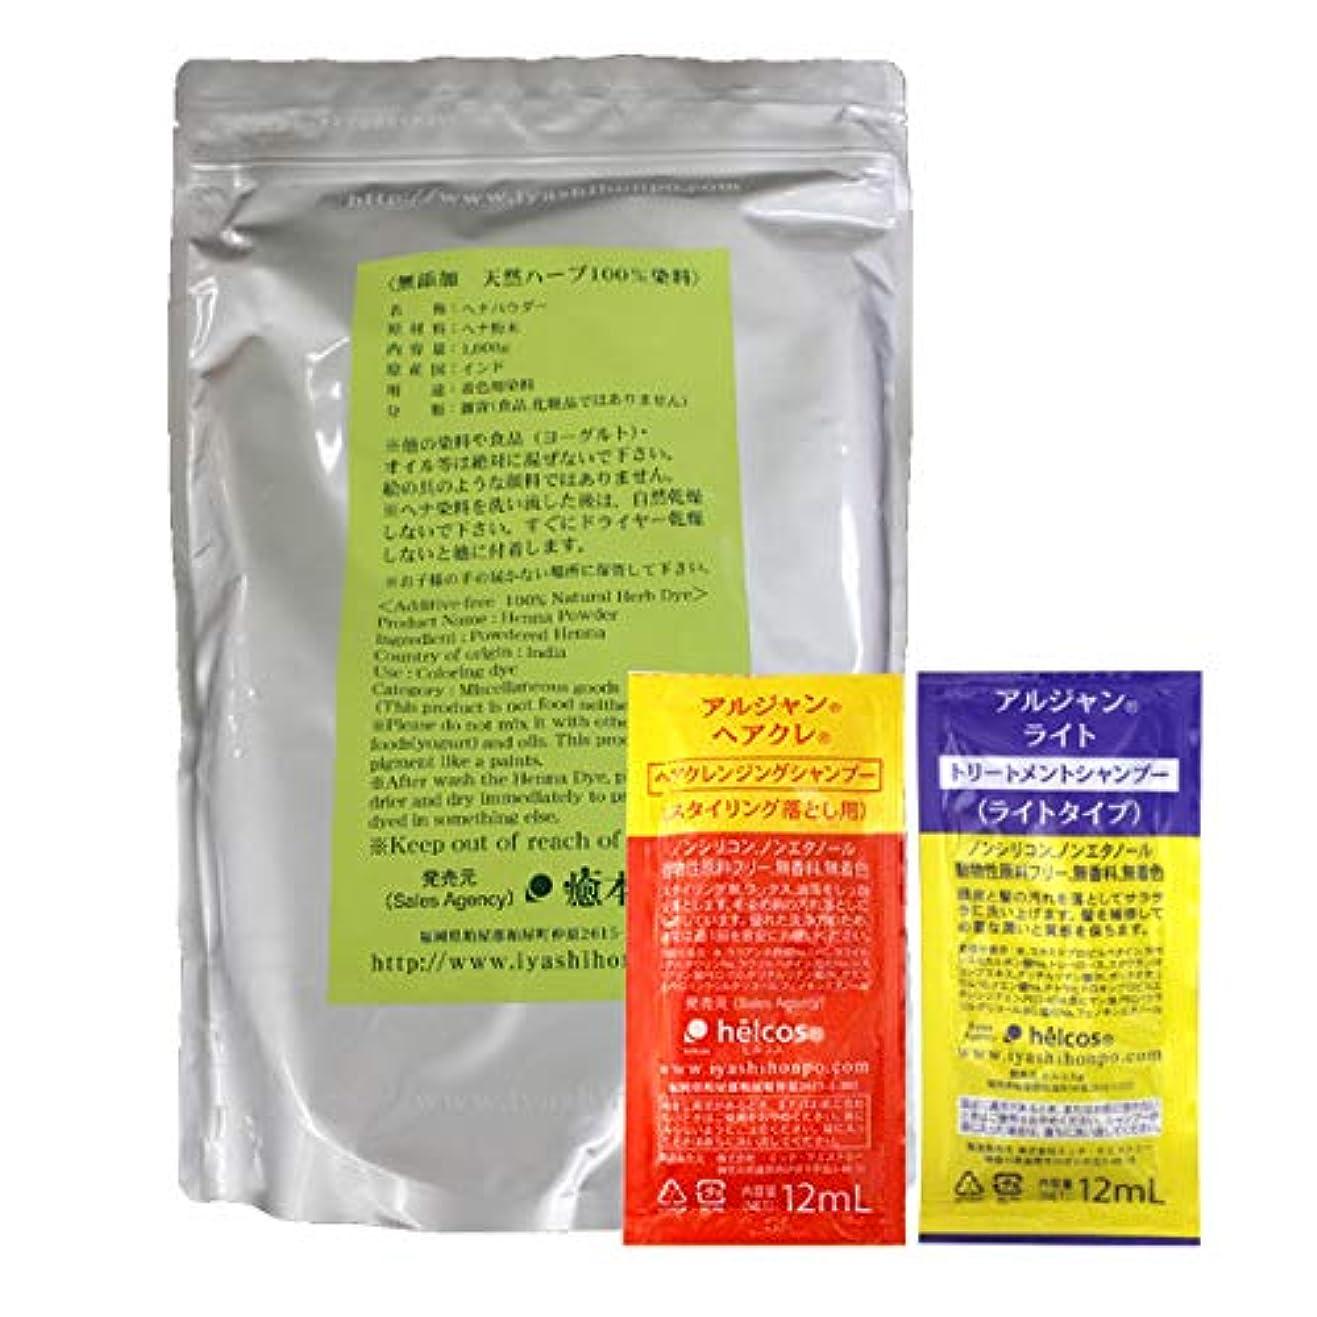 難破船ブランクマーティフィールディング白髪染め ヘナ(天然染料100%) 1,000g + シャンプー2種セット 癒本舗(ブラウン)